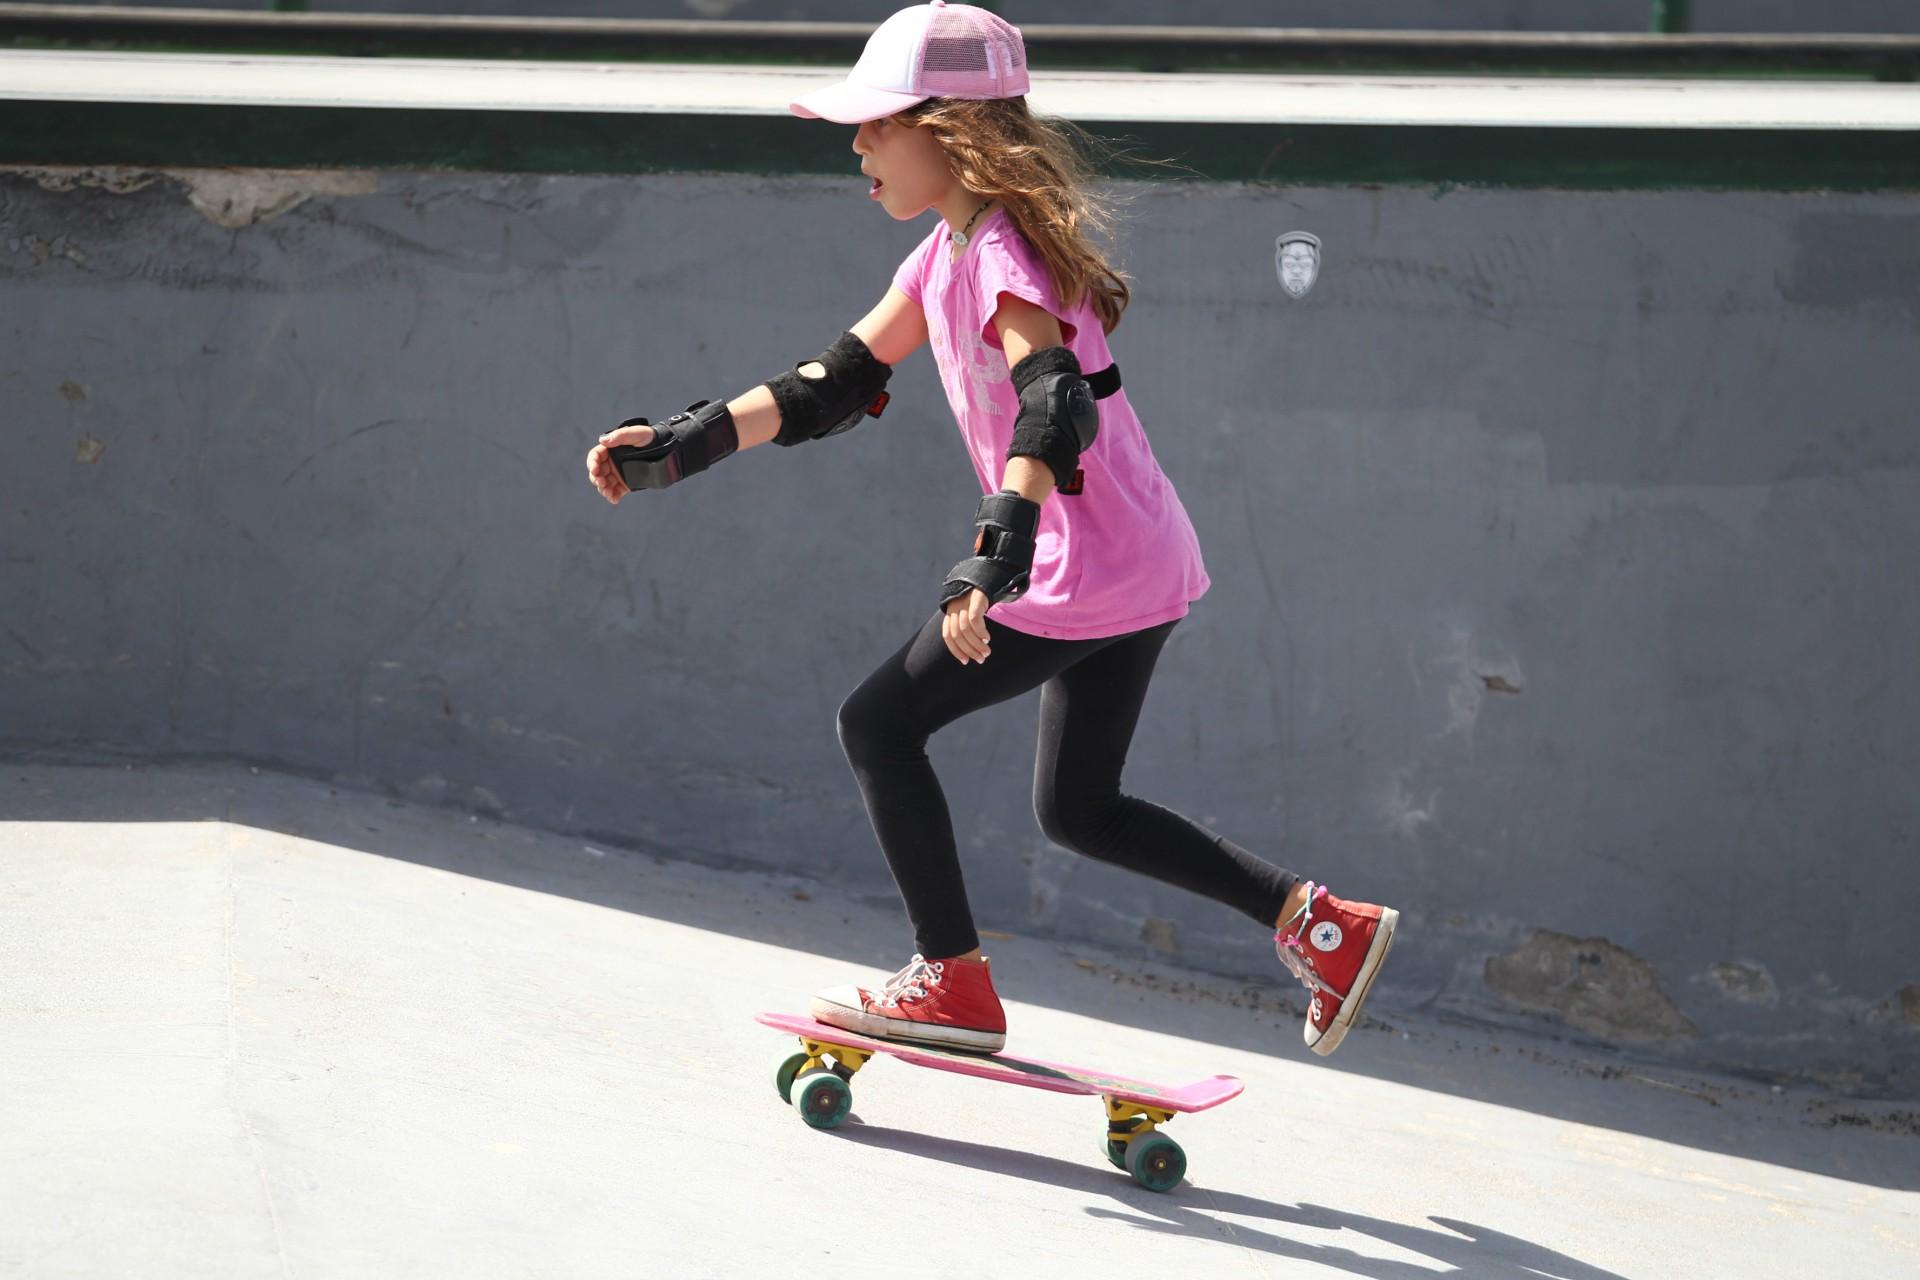 (Foto: FABIO LIMA)Segundo a Federação Cearense de Skate, existem cerca de 40 pistas de skate (como a que Tereza Lara treina) espalhadas pelo Ceará, de acordou com um levantamento de 2020